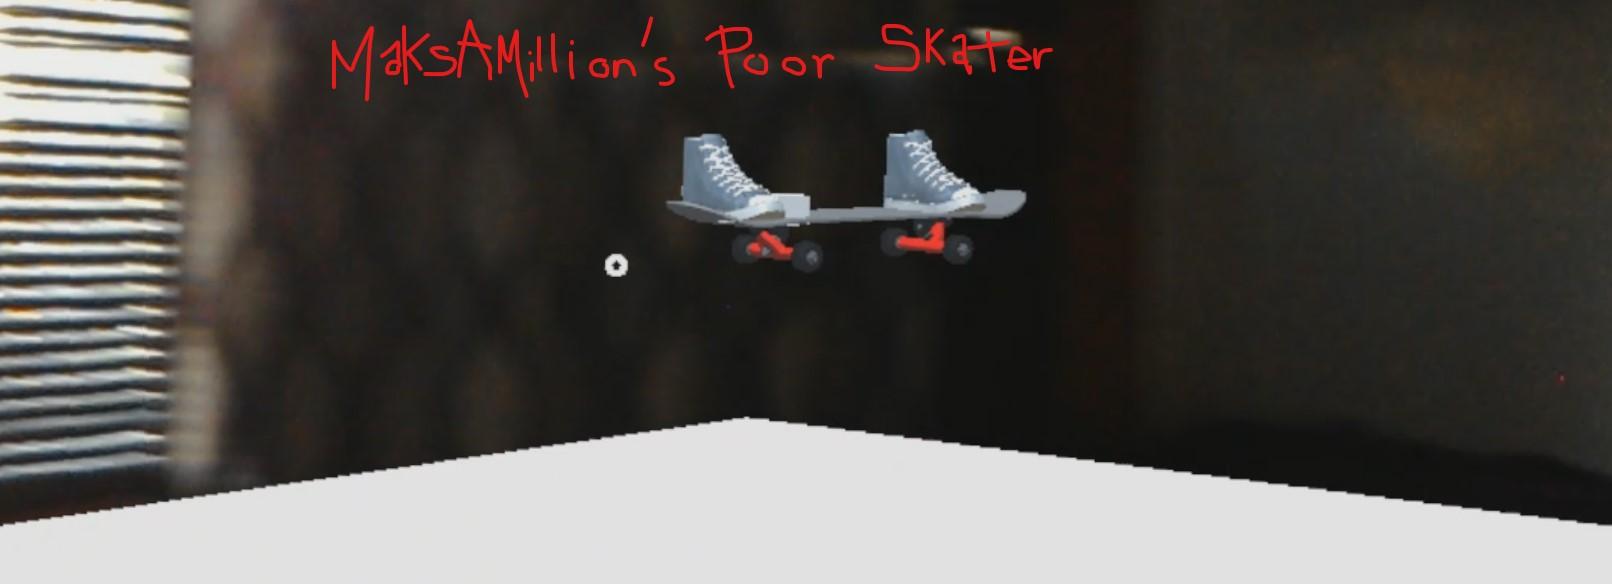 MaksAMillion's Poor Skater